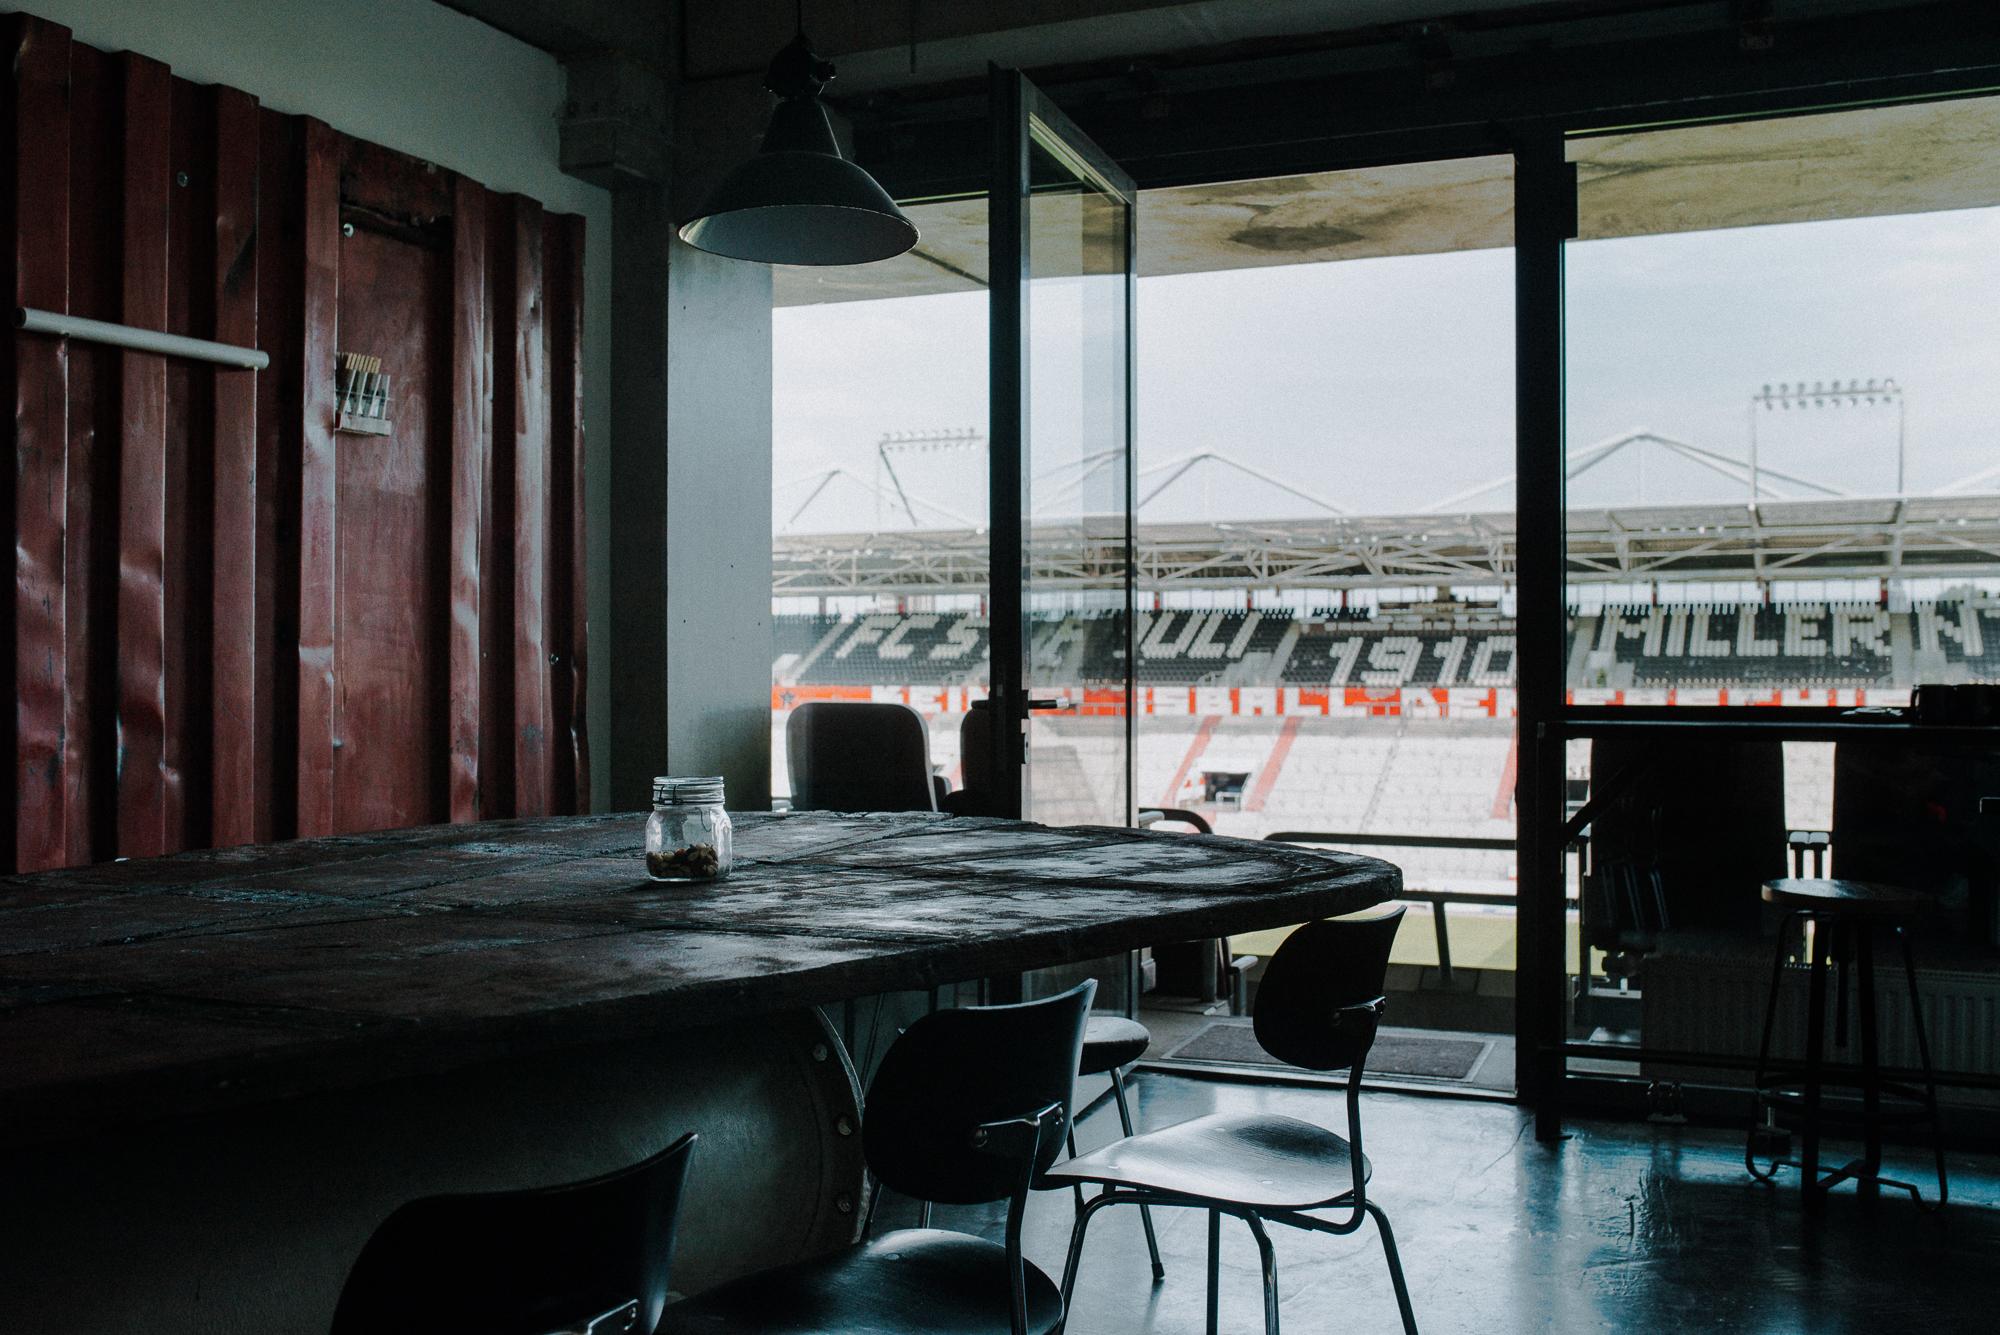 Die Loge des Millerntorstadions des FC St. Pauli Hamburg